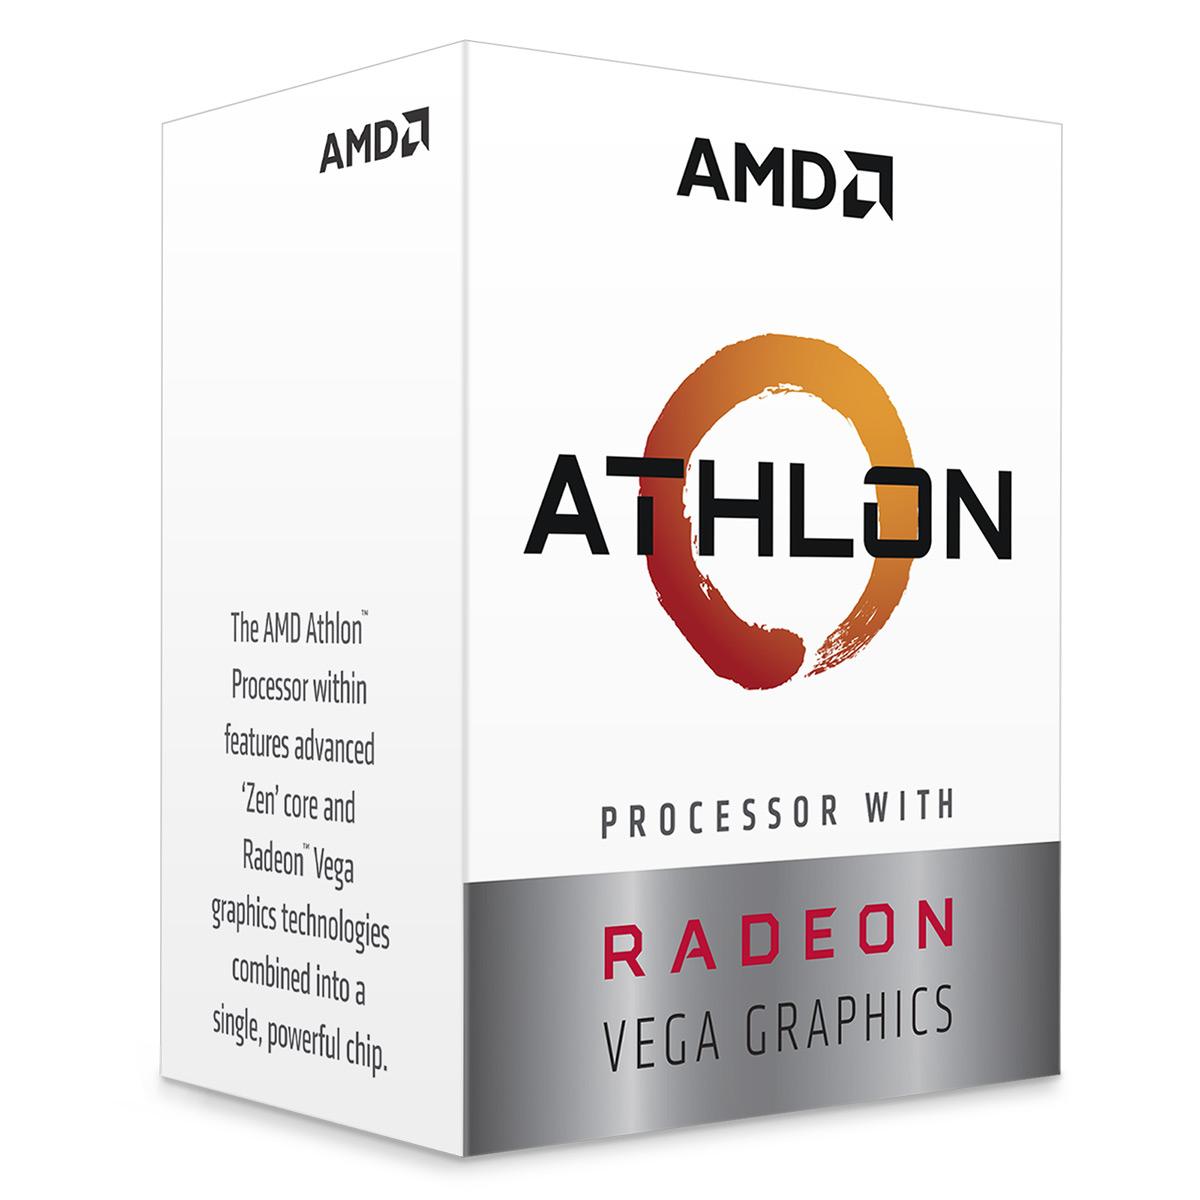 Processeur AMD Athlon 220GE (3.4 GHz) Processeur Dual Core socket AM4 Cache L3 4 Mo Radeon Vega Graphics 3 Coeurs 0.014 micron TDP 35W avec système de refroidissement (version boîte - garantie constructeur 3 ans)